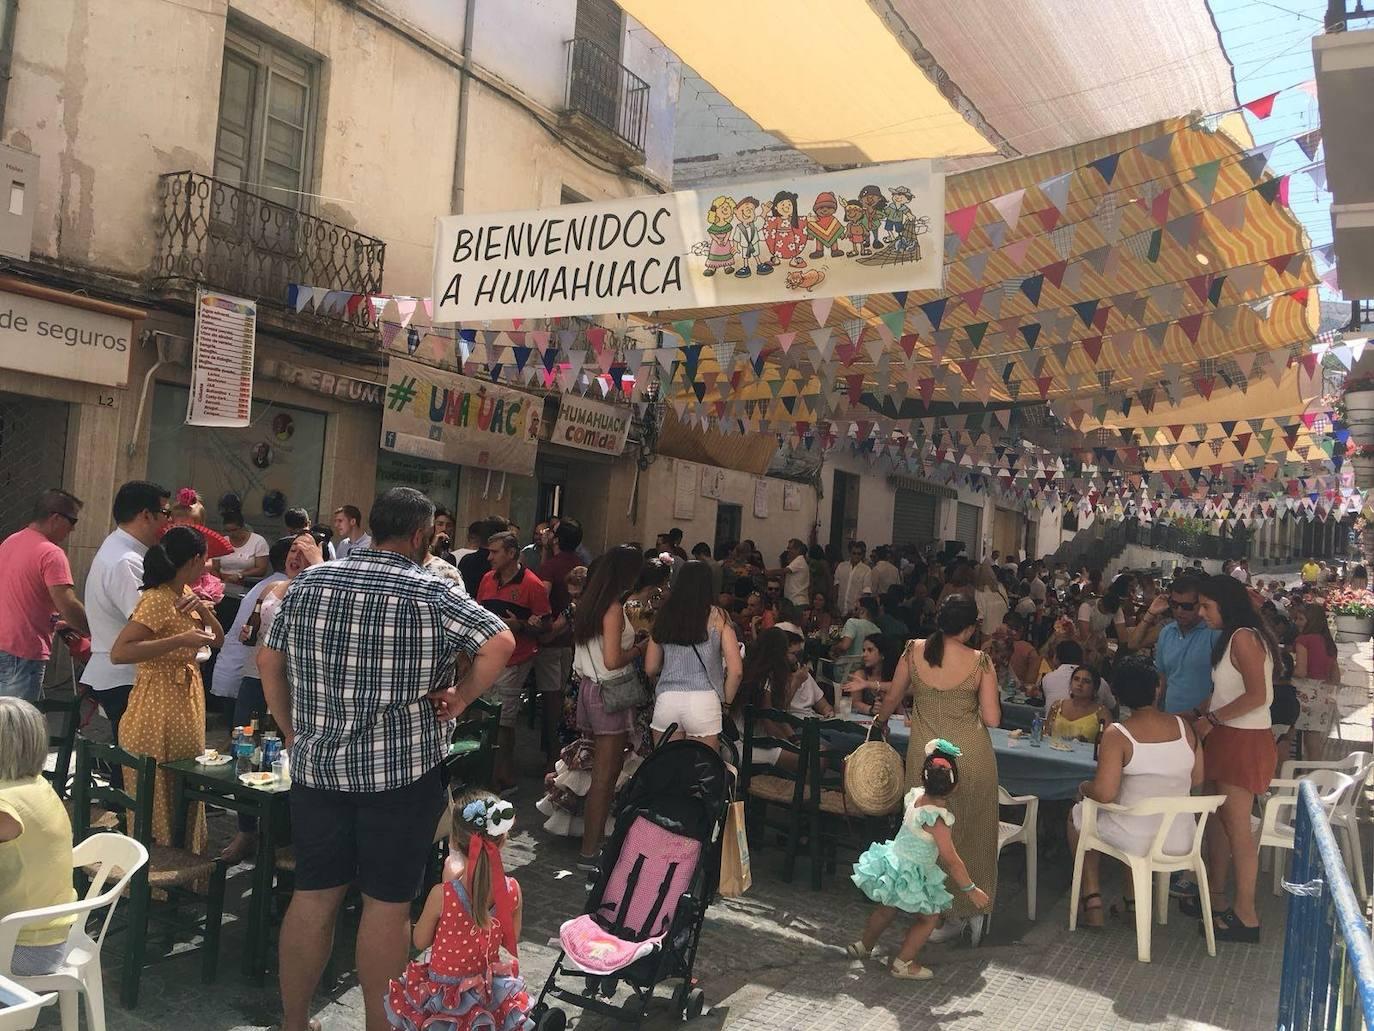 La caseta Humahuaca, preparada para retomar sus proyectos solidarios en la Feria de Loja